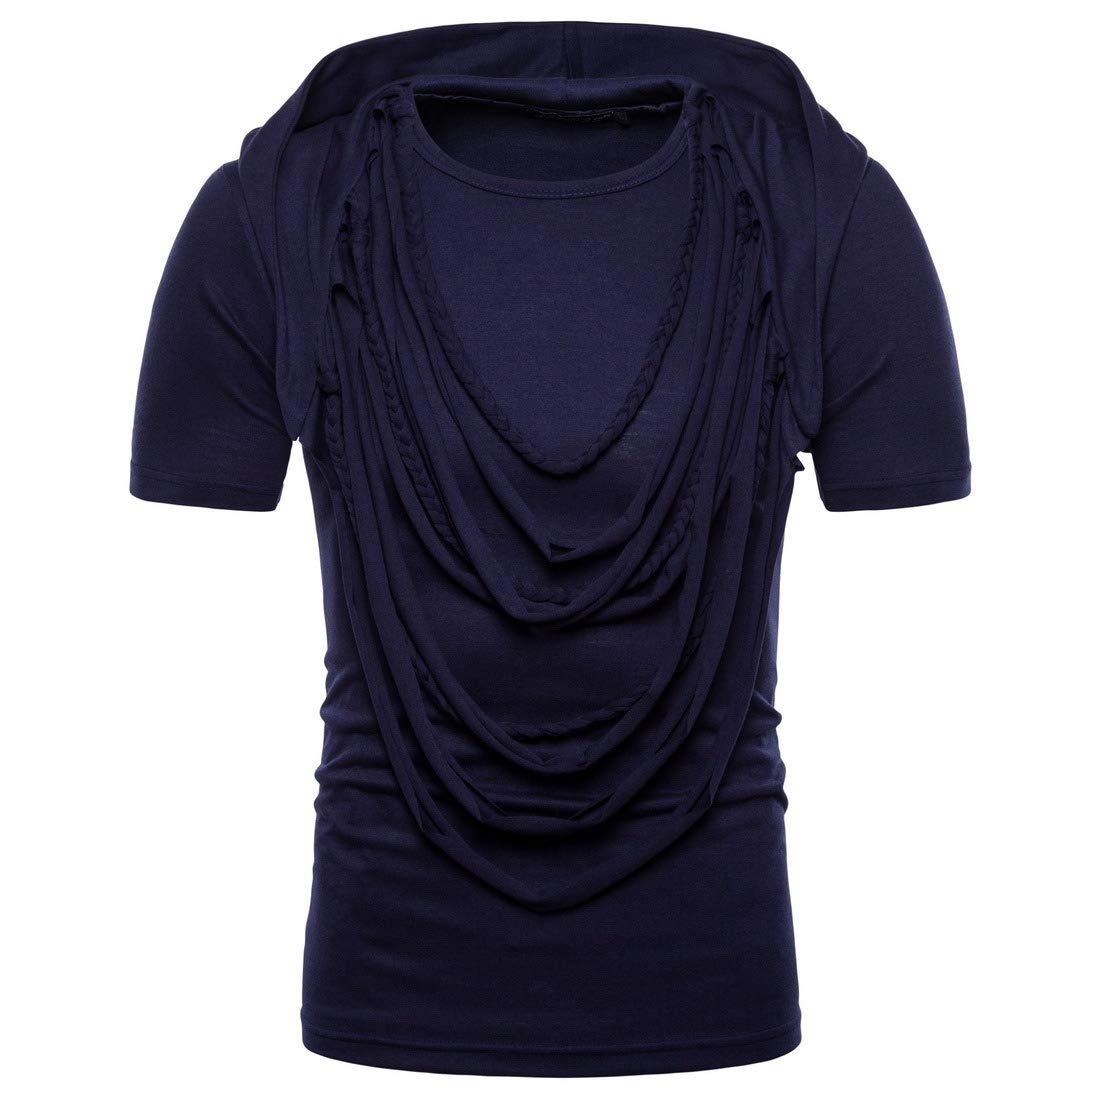 CuteRose Mens Sports Big /& Tall Hoode Short Sleeve Summer Shirt Top